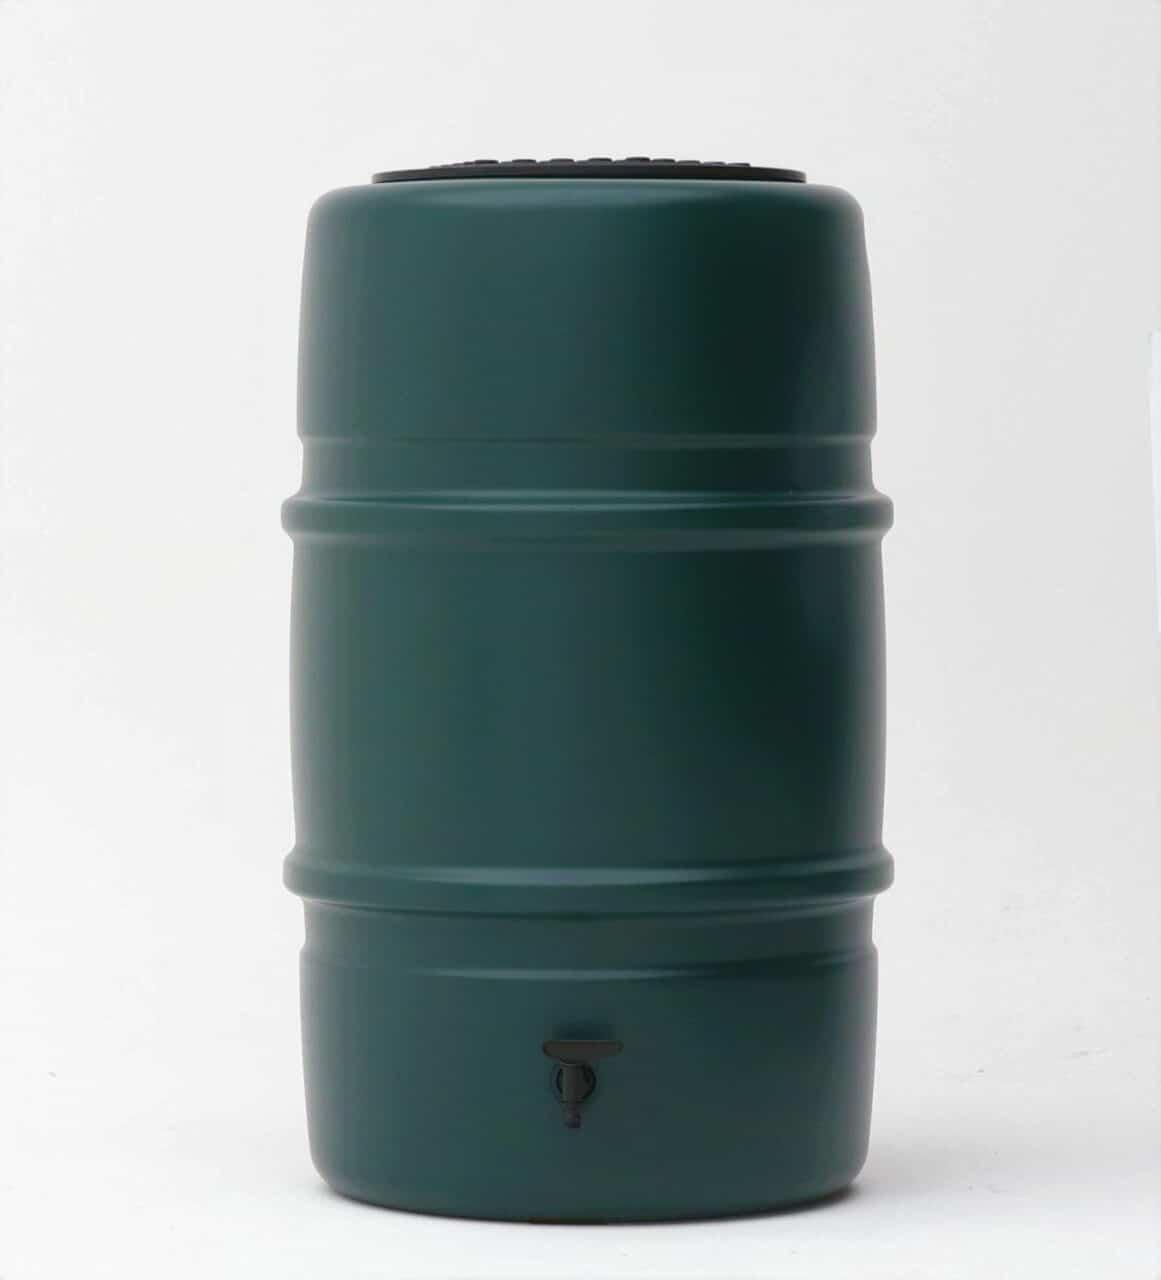 regenton big storm 225 liter groen